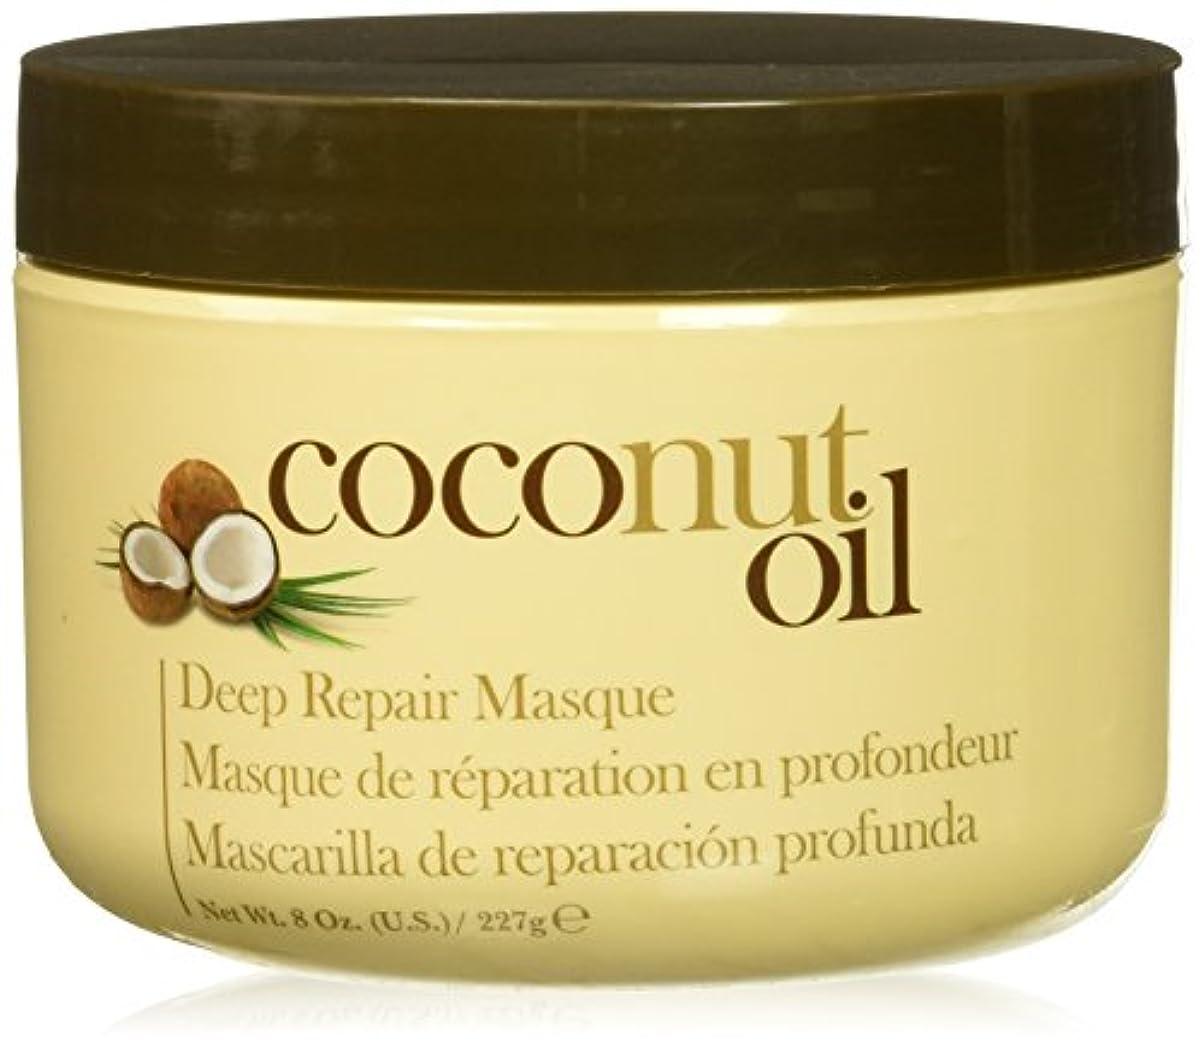 ブレークすり乱れHair Chemist ヘアマスク ココナッツ オイル ディープリペアマスク 227g Coconut Oil Deep Repair Mask 1474 New York